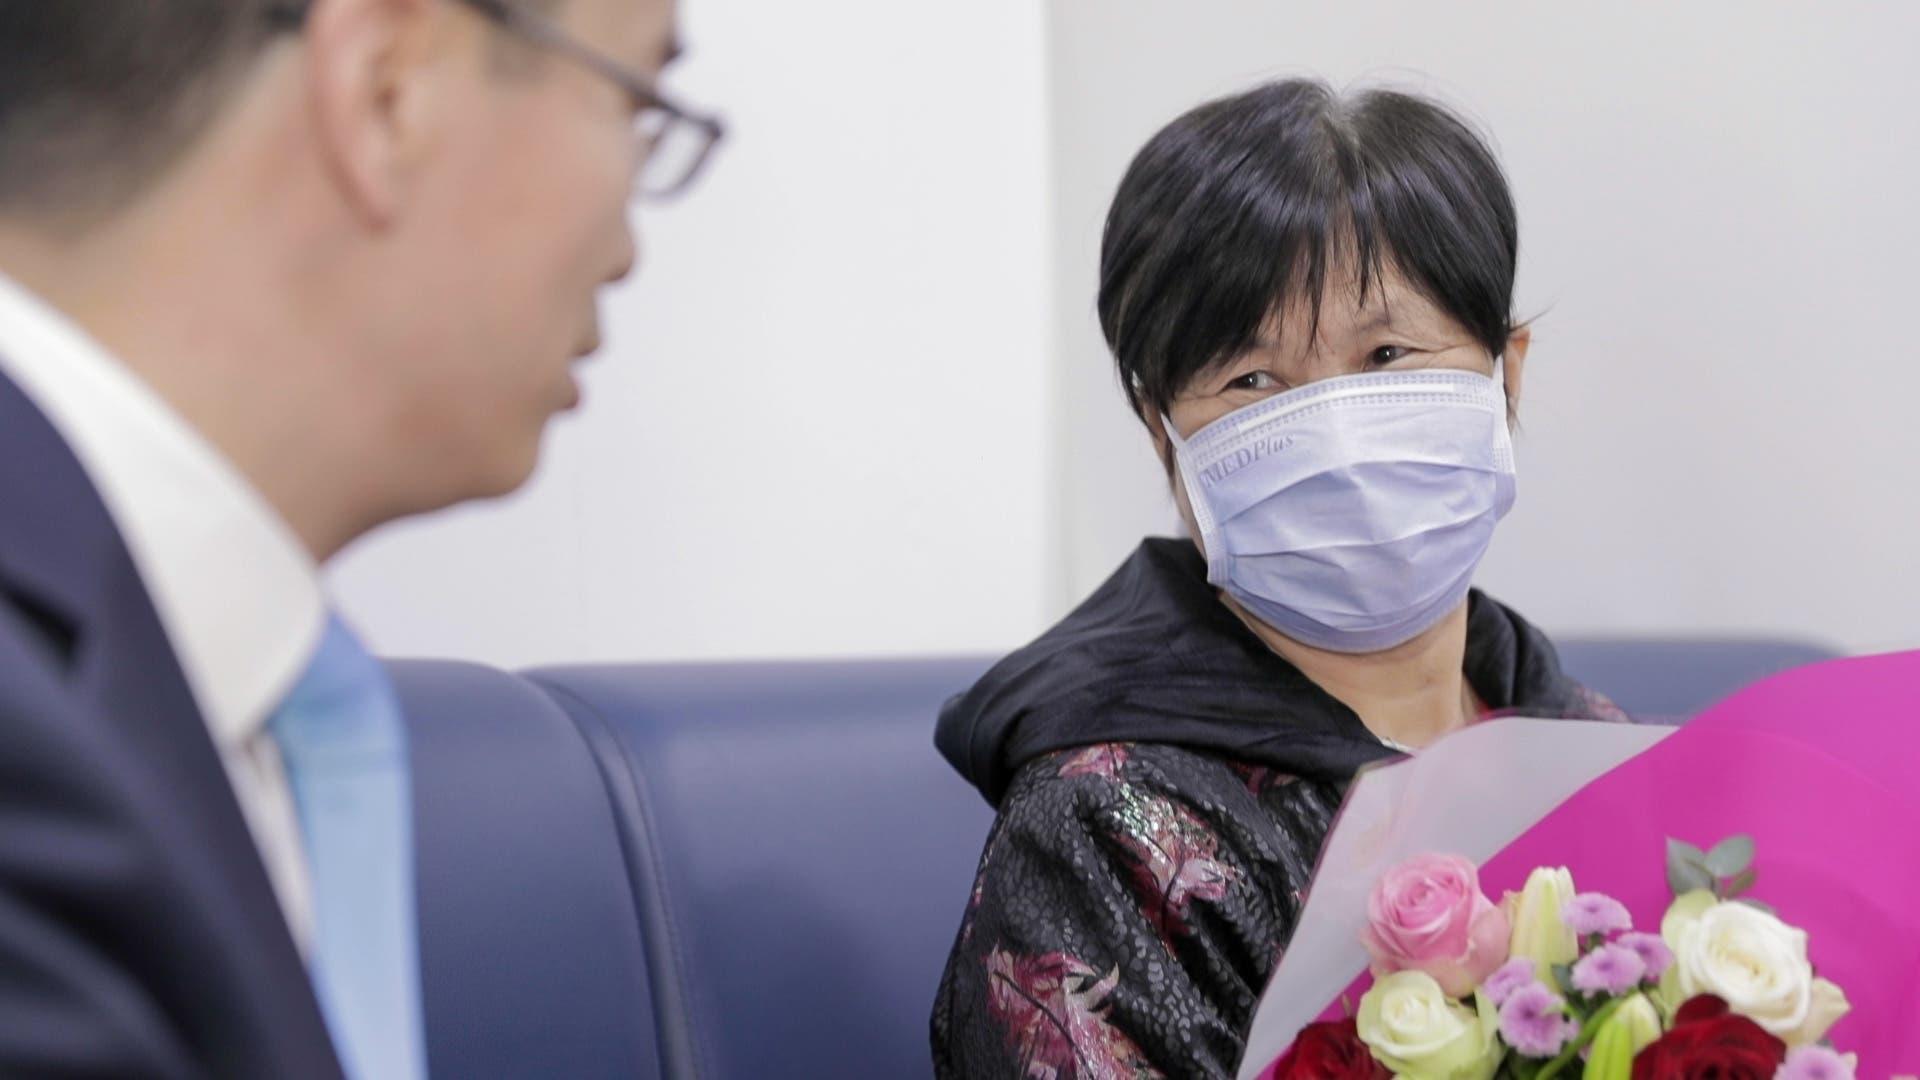 السيدة الصينية (73 عاماً) التي شفيت من كورونا